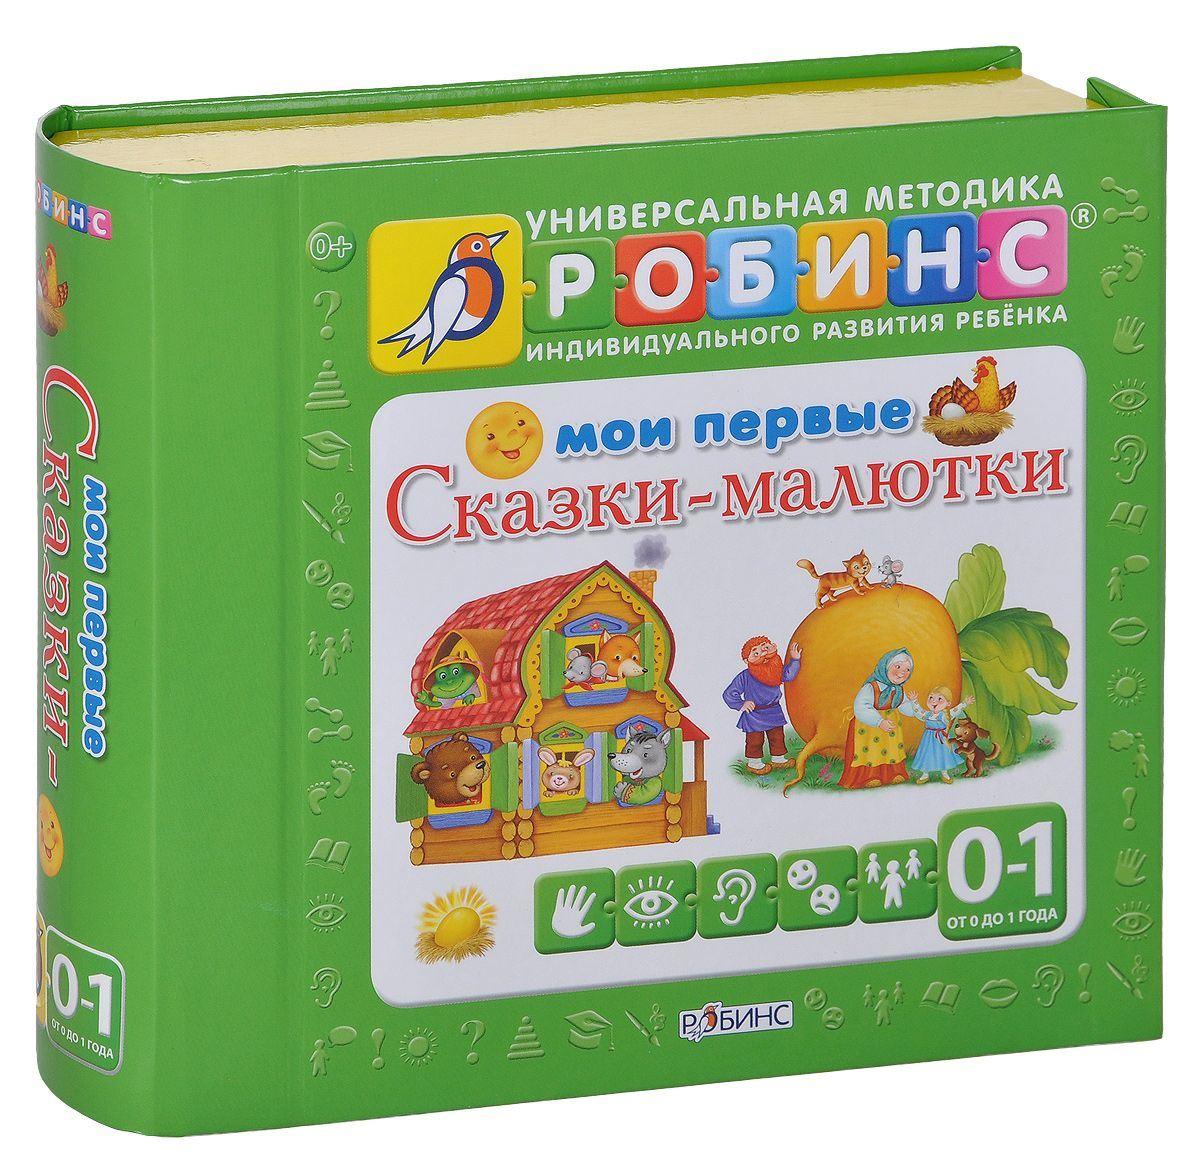 Купить Книга «Мои первые сказки-малютки» New, РОБИНС